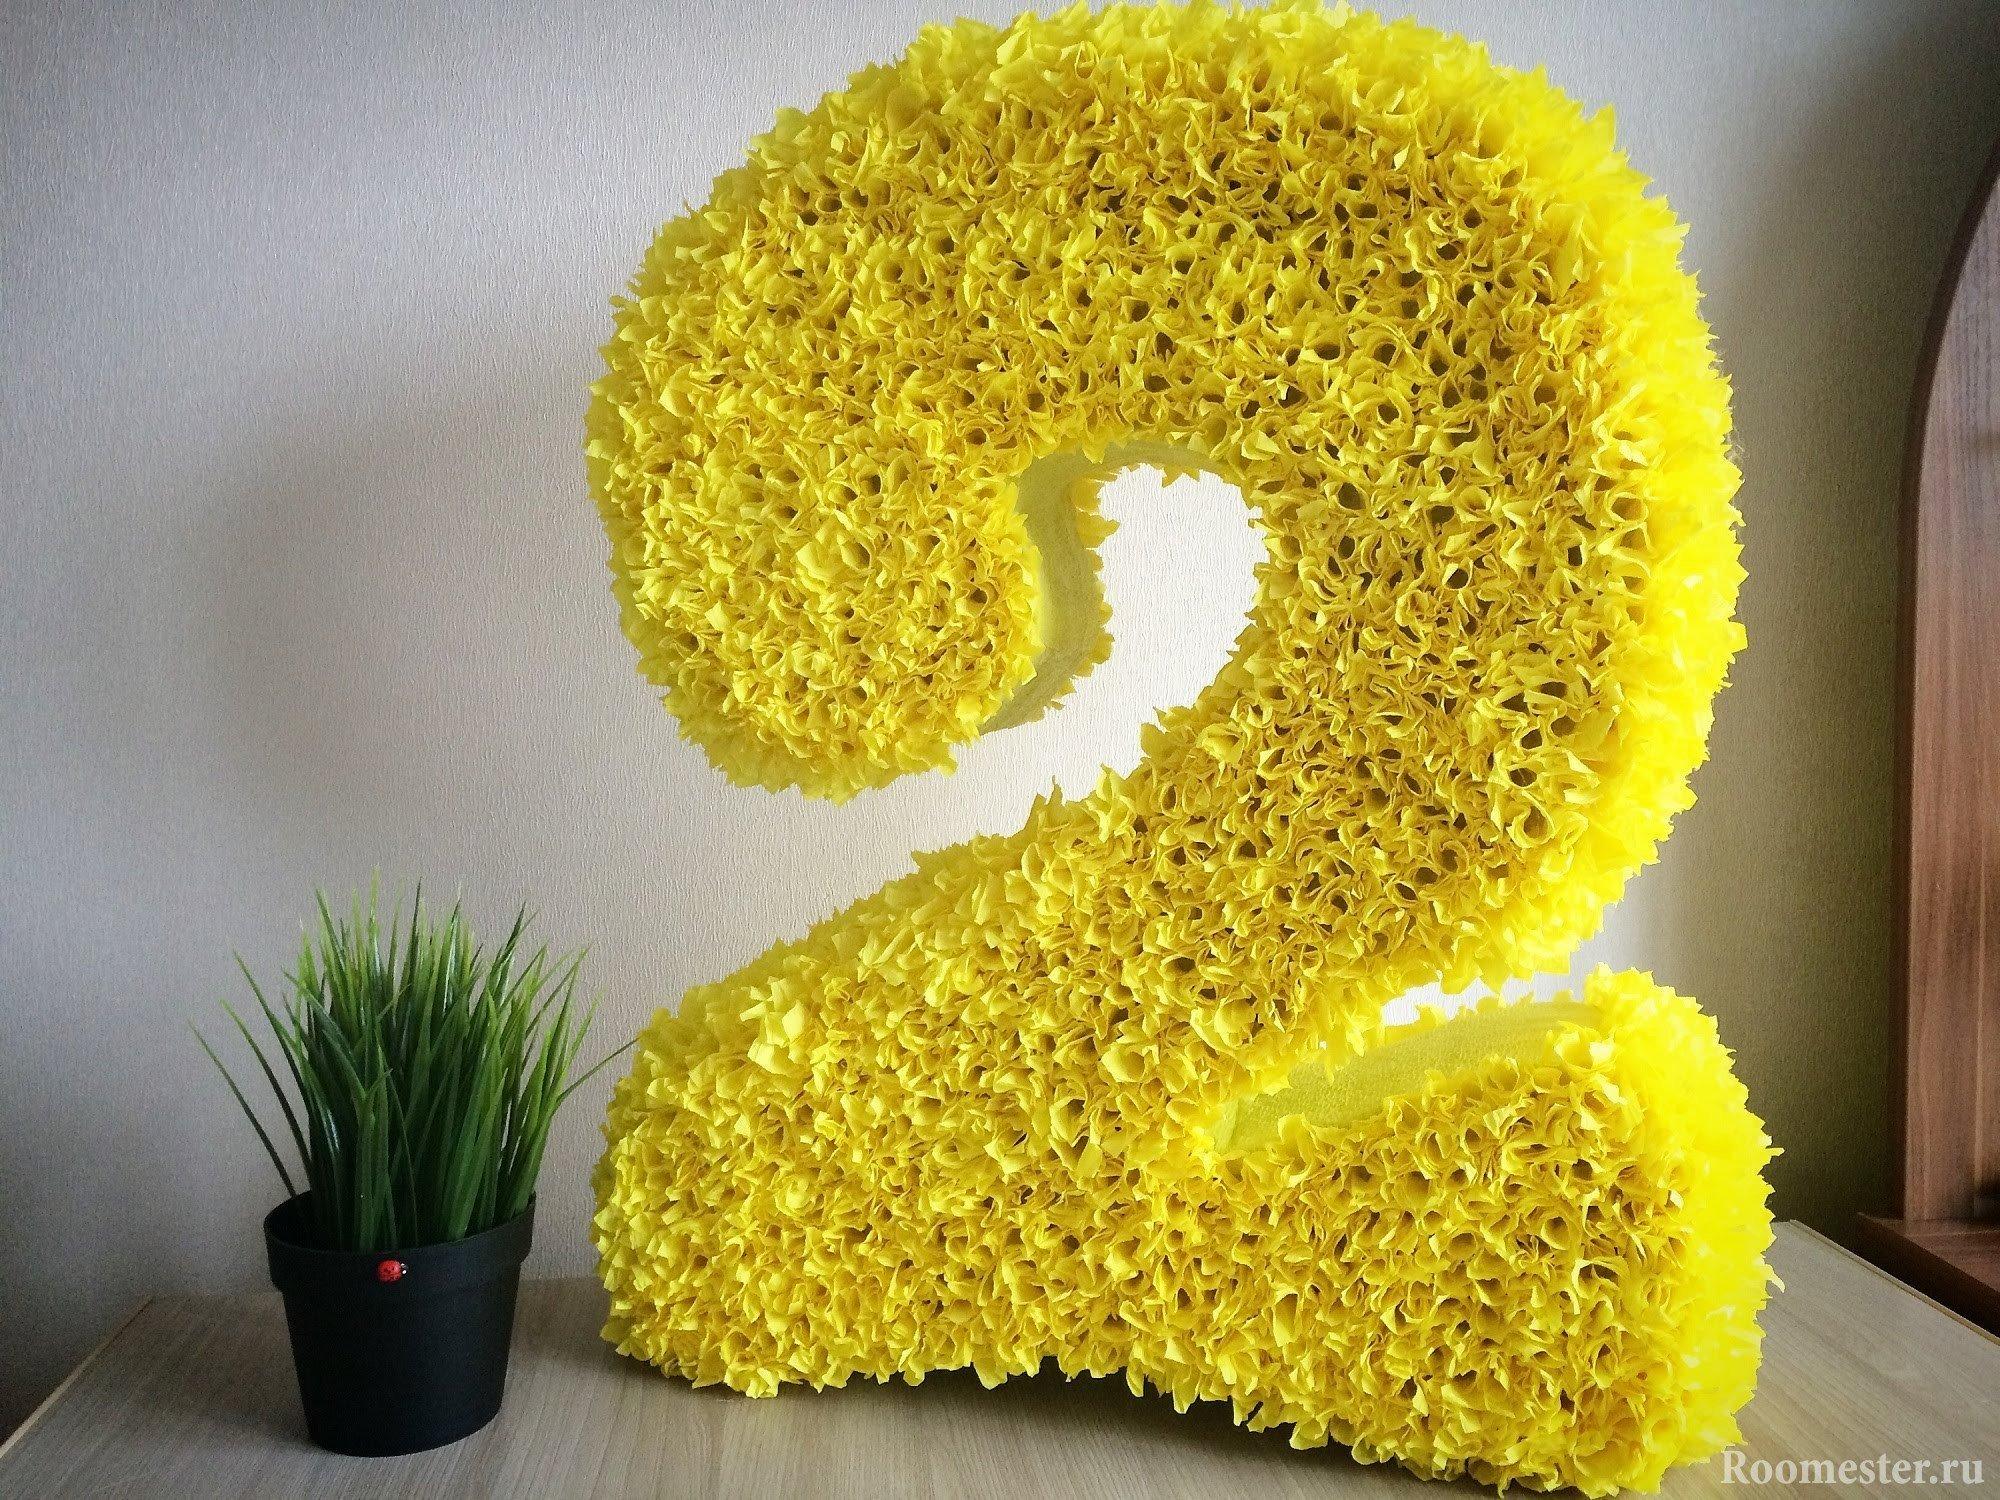 Желтая цифра сделанная своими руками